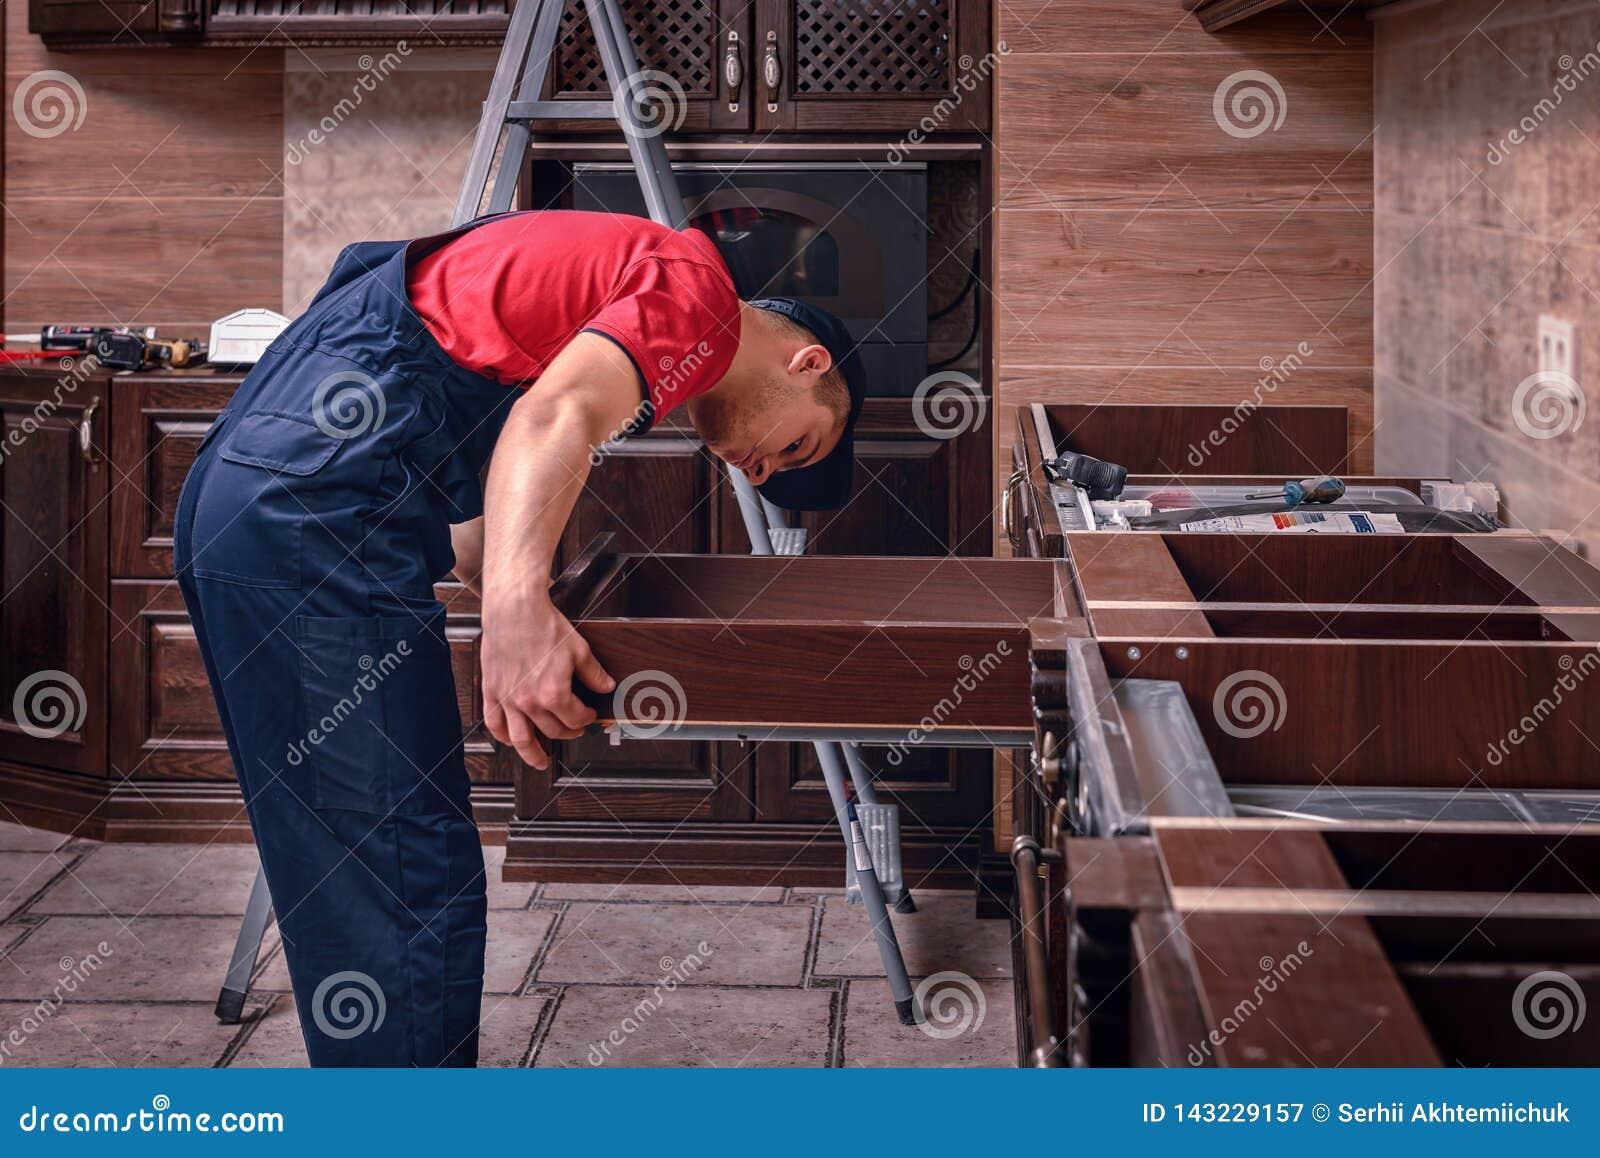 年轻工人安装一个抽屉 现代木厨房家具的设施